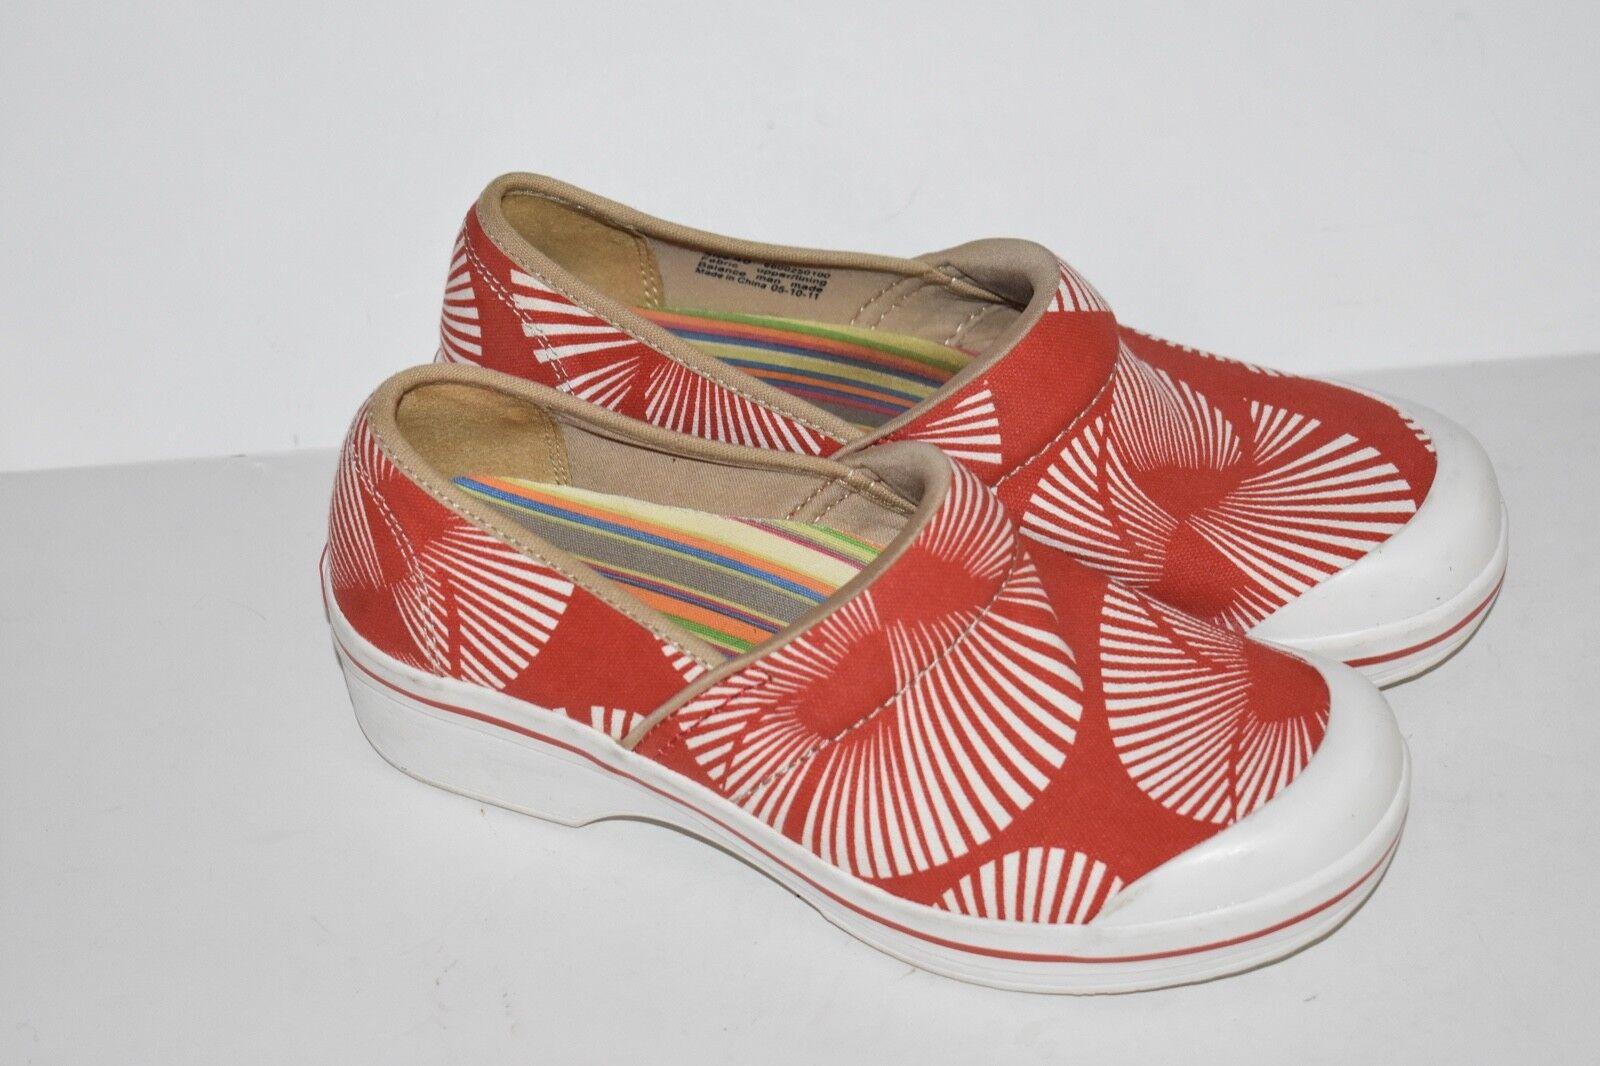 Dansko Vegano para mujeres Zapatos Zapatos Zapatos Zuecos 39  los nuevos estilos calientes